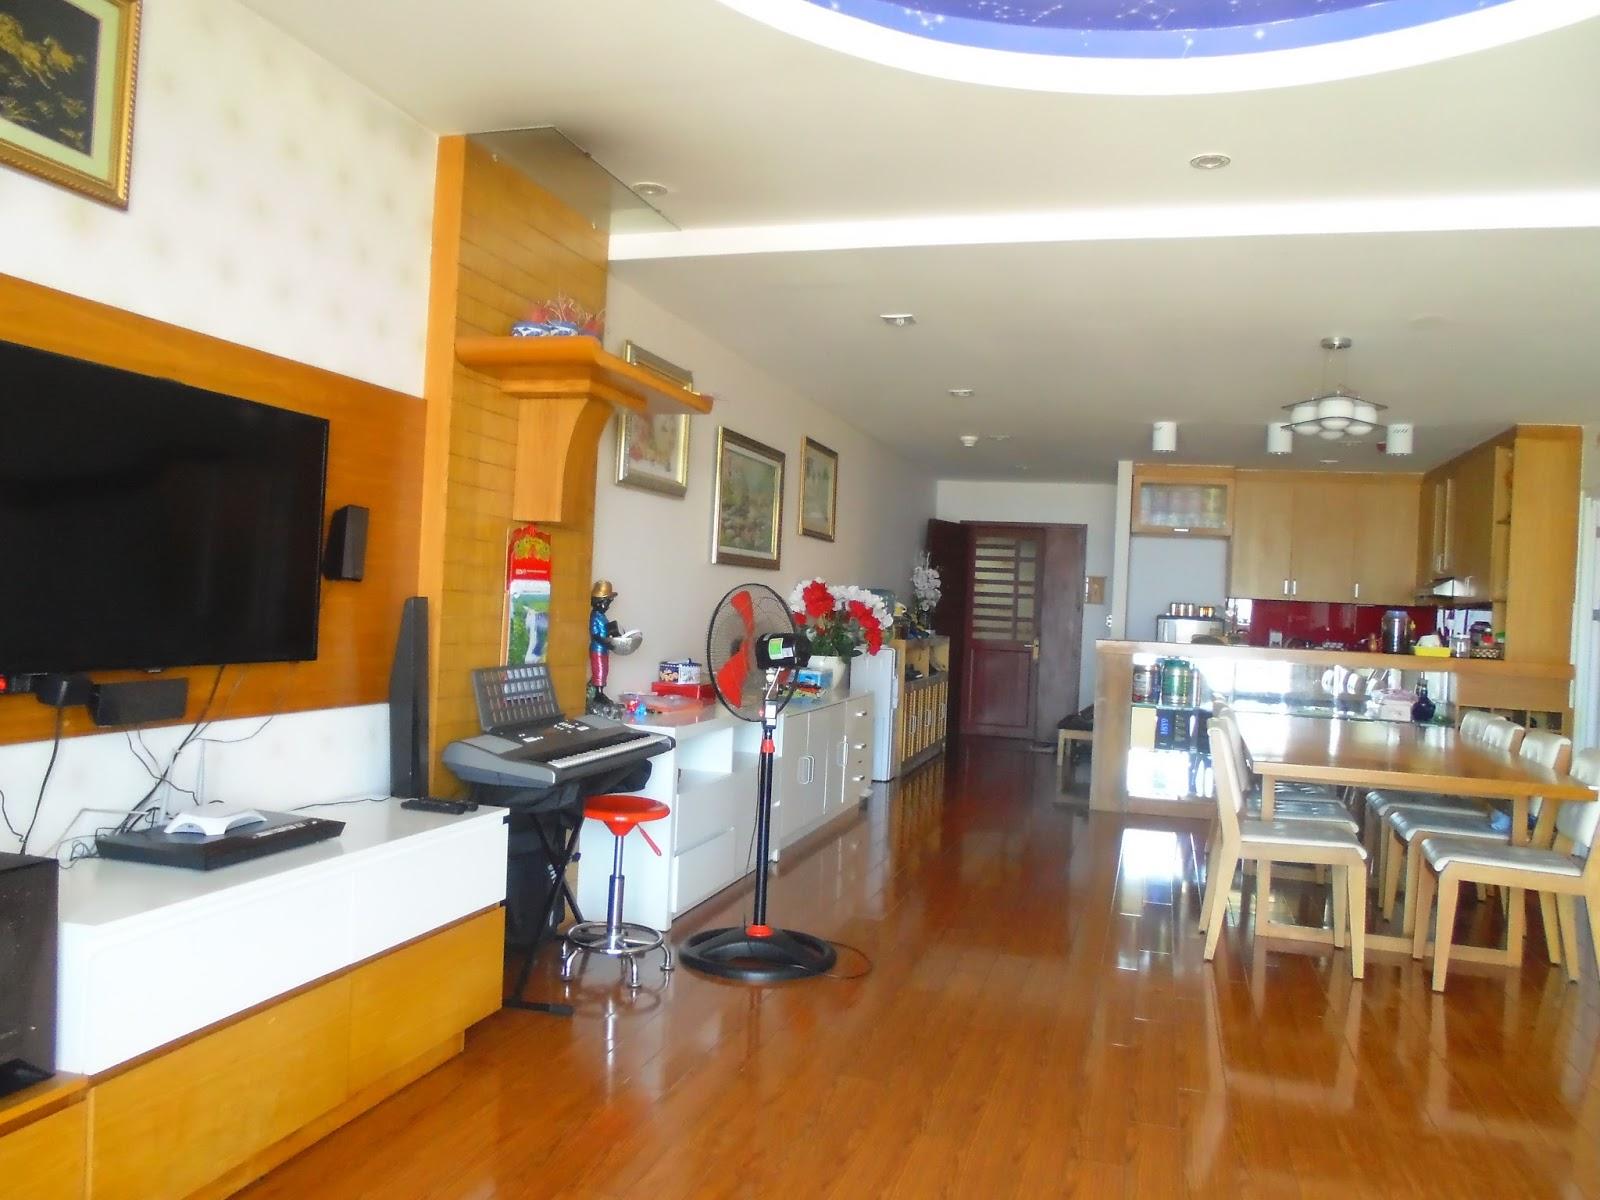 Vp3 19  U2013 3 Bedrooms Apartment For Rent At Vung Tau Plaza